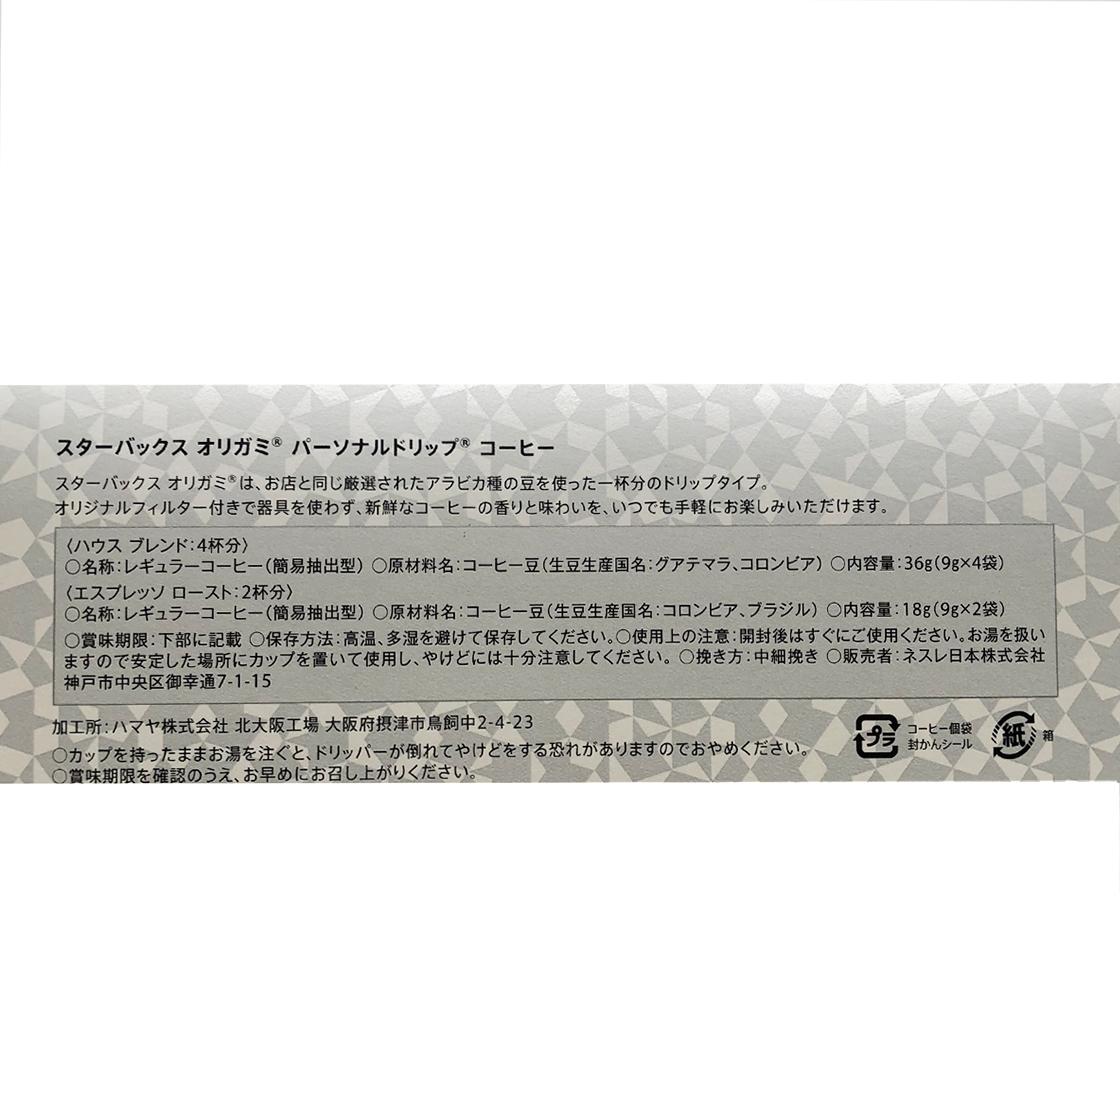 マグカップ 2個セット[コスタノバ]+引き菓子+プラス1品 27